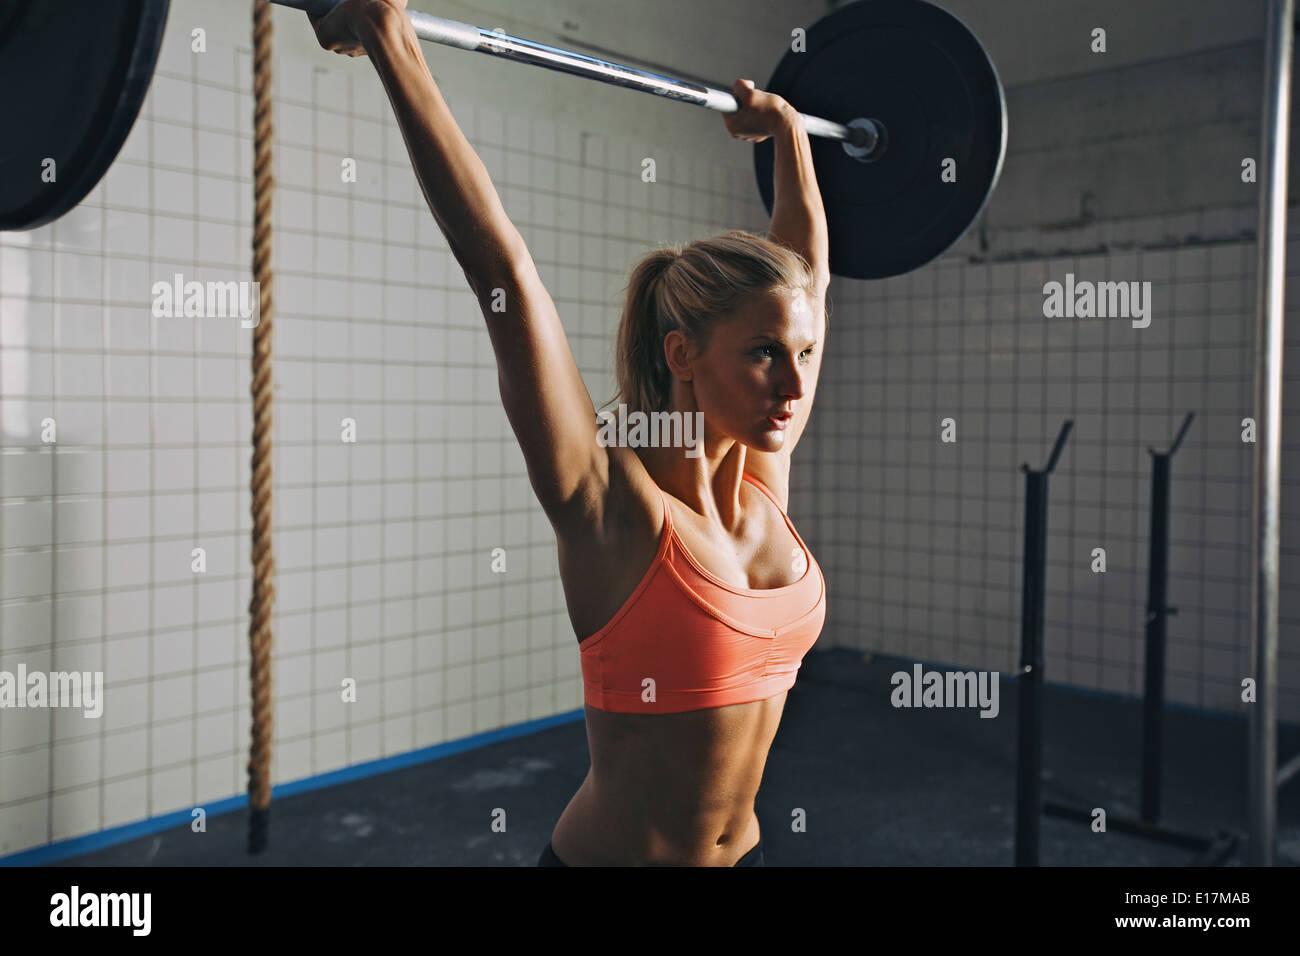 Donna forte sollevamento barbell come una parte di crossfit esercizio di routine. Montare la giovane donna di sollevamento pesi pesanti in palestra. Immagini Stock